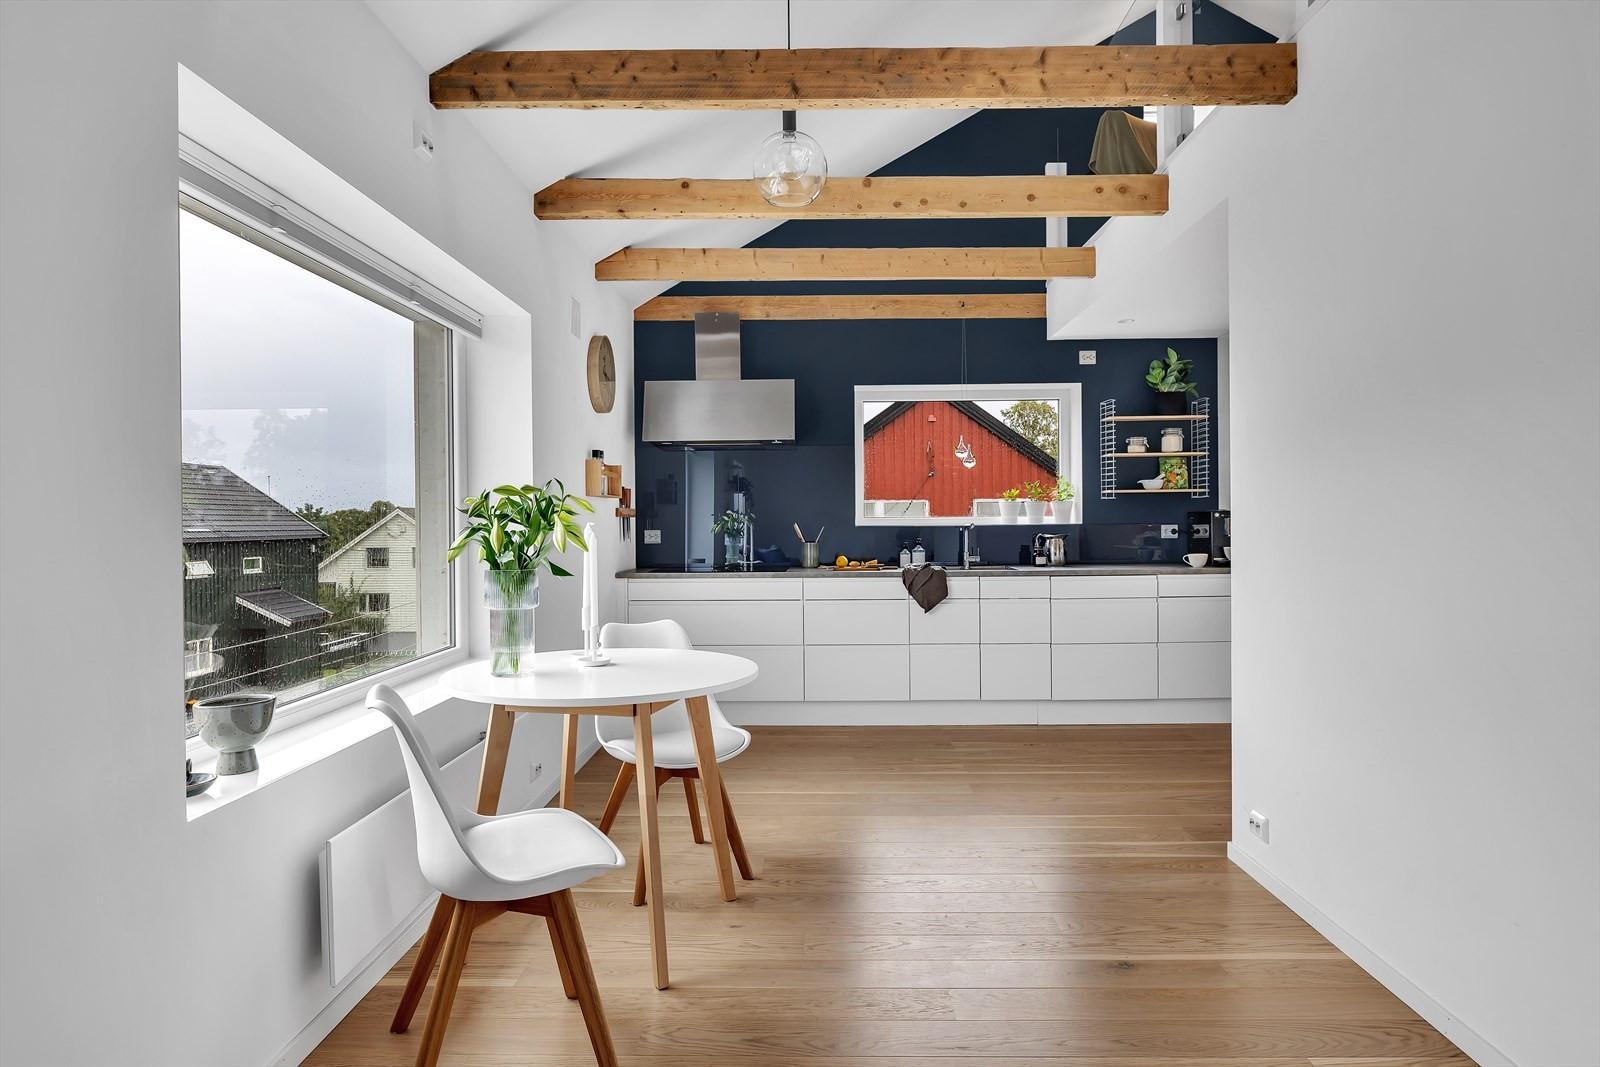 Boligen har en sjeldent innbydende utførelse med bl.a synlige bjelker over stue og kjøkken